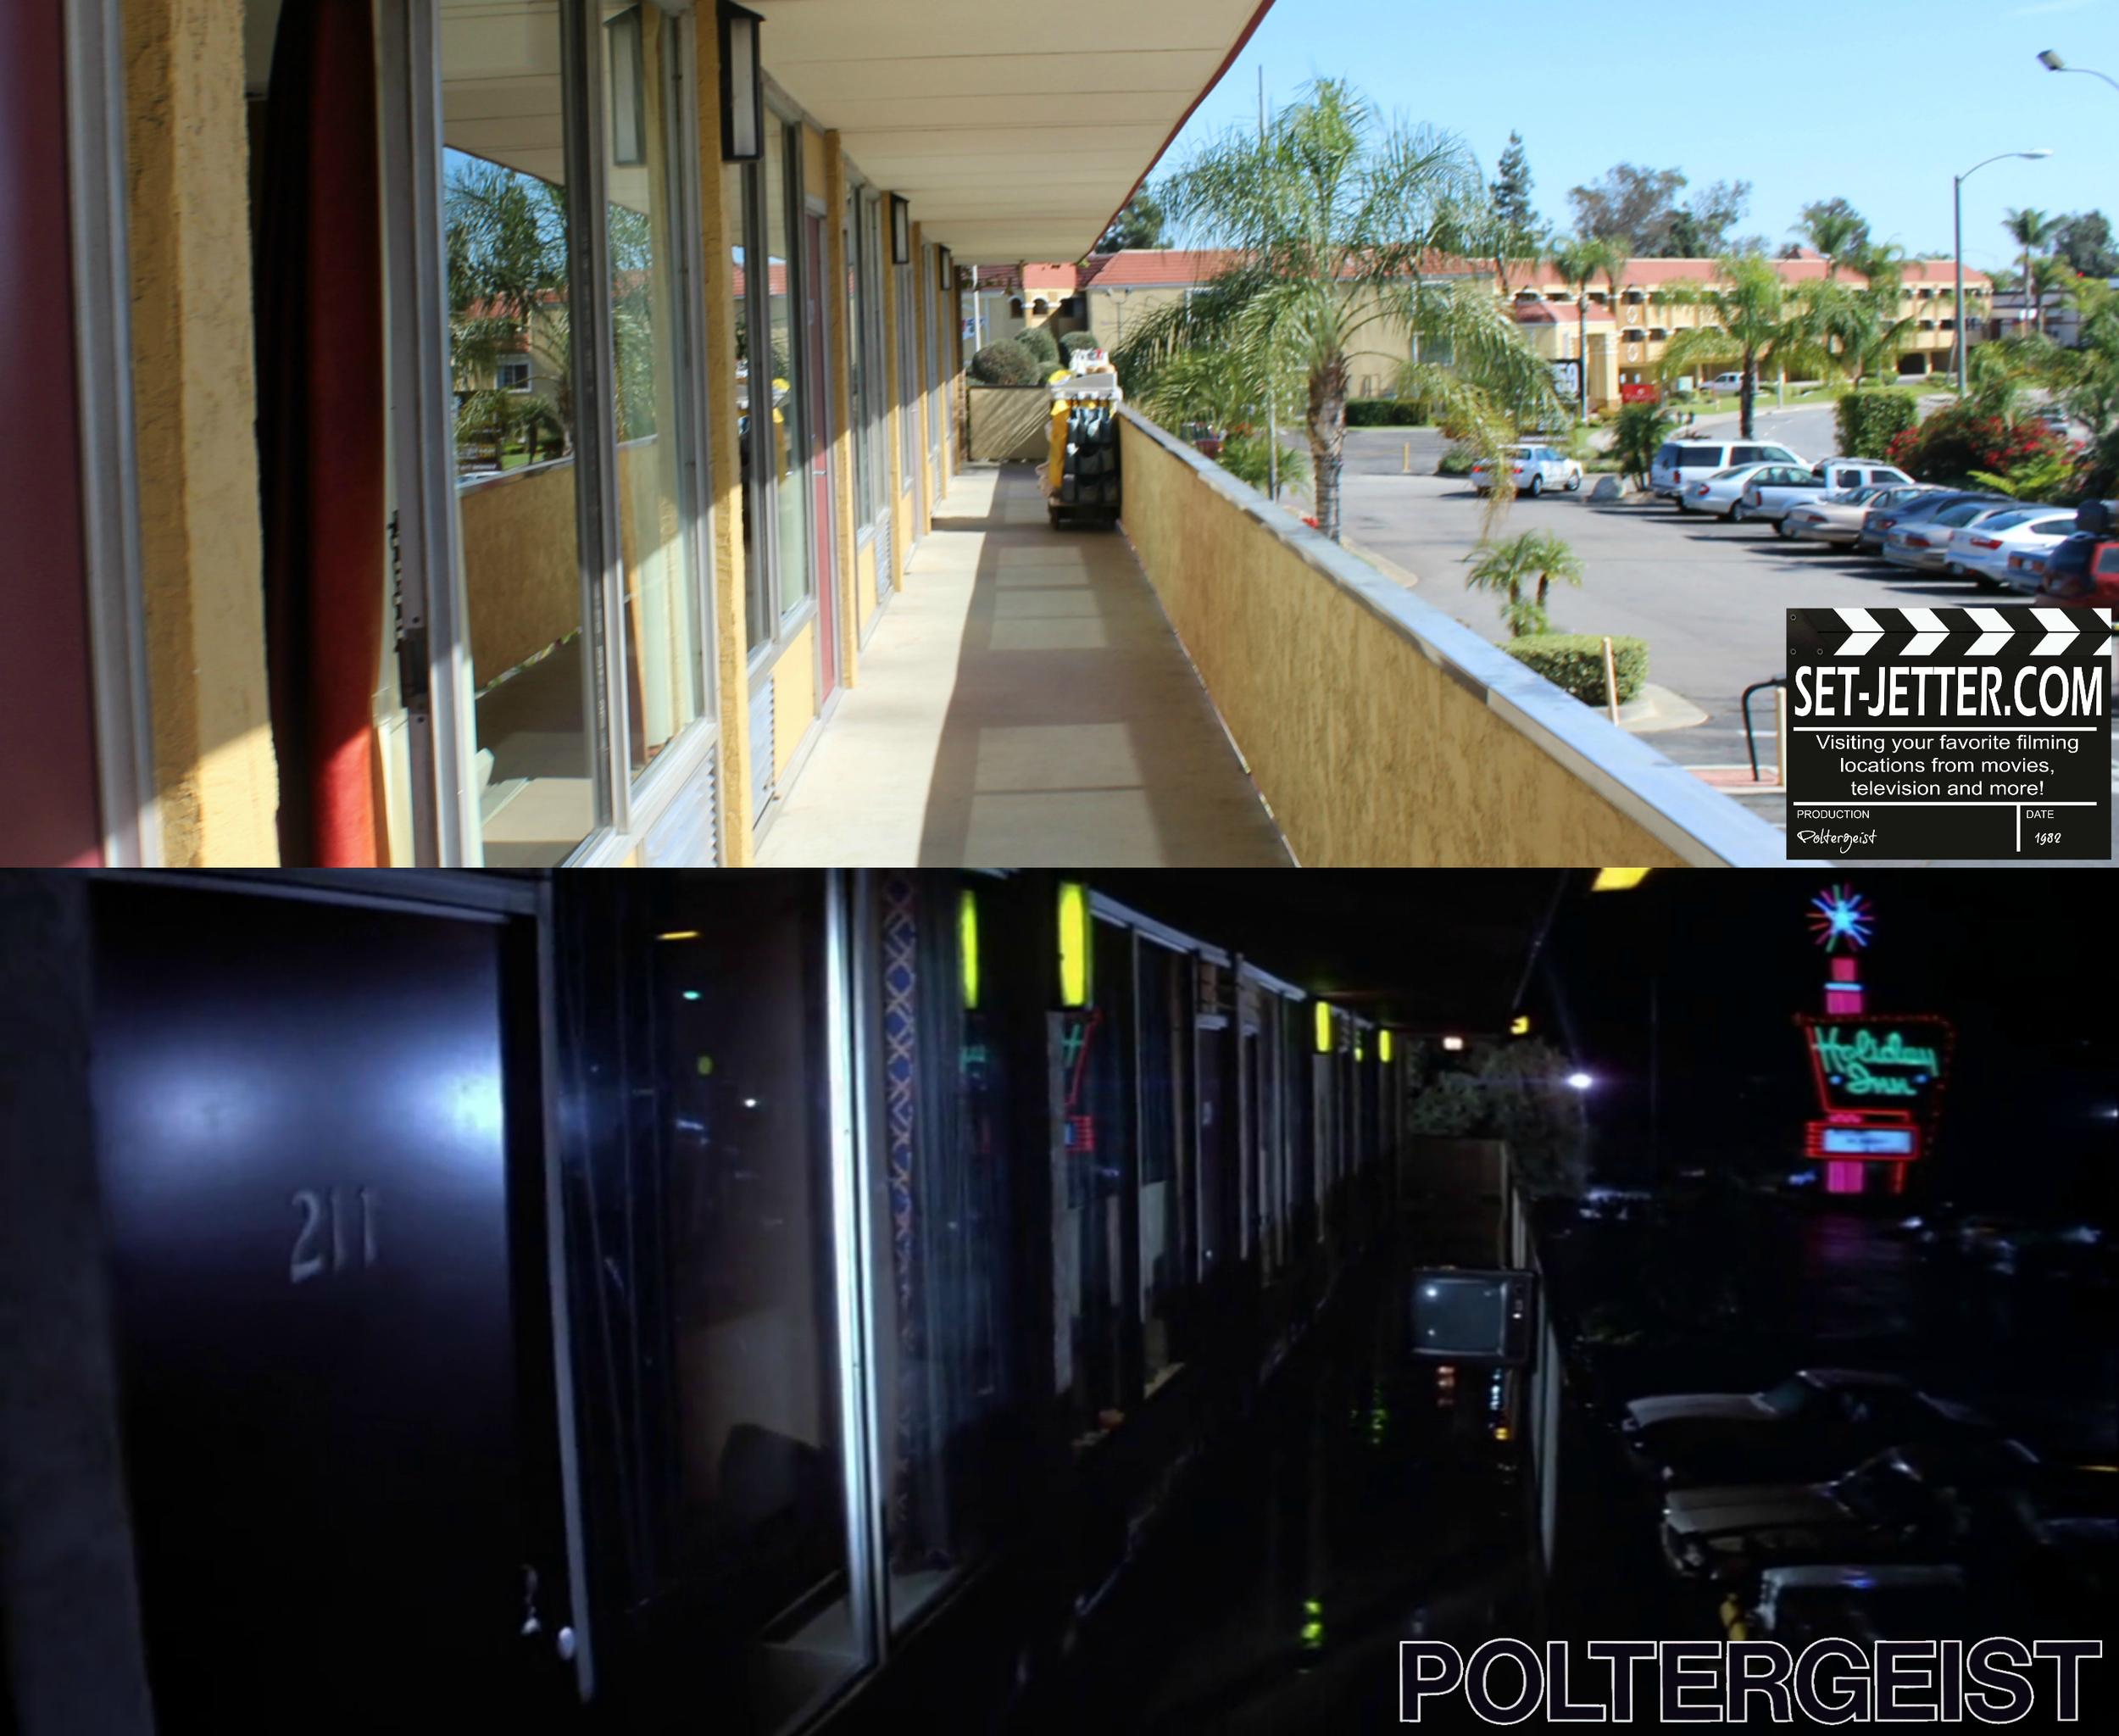 Poltergeist comparison 94.jpg